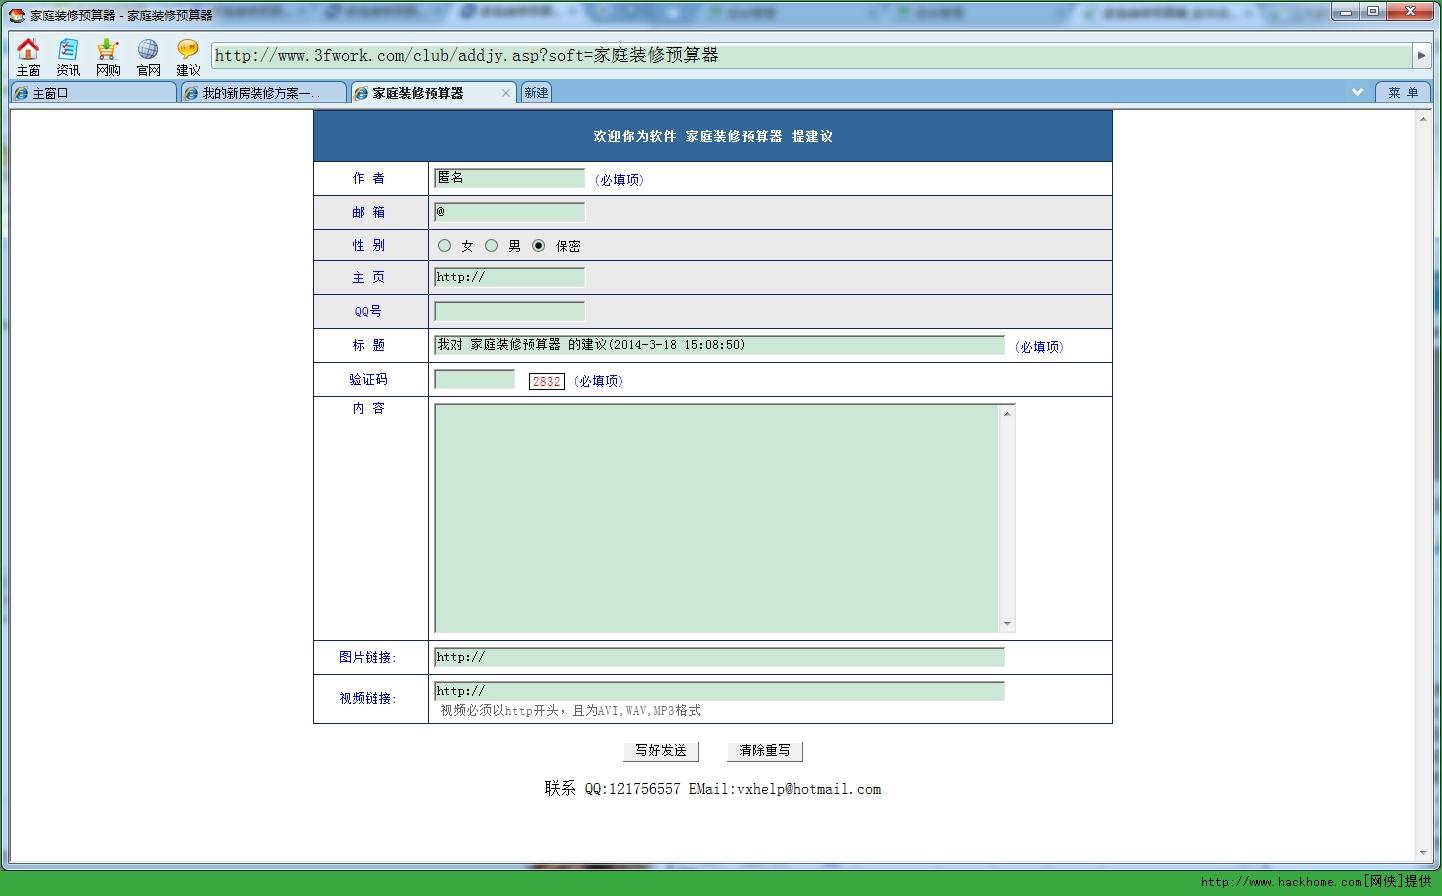 家庭装修预算软件下载,家庭装修预算器 v1.0.17 网侠软件下载站